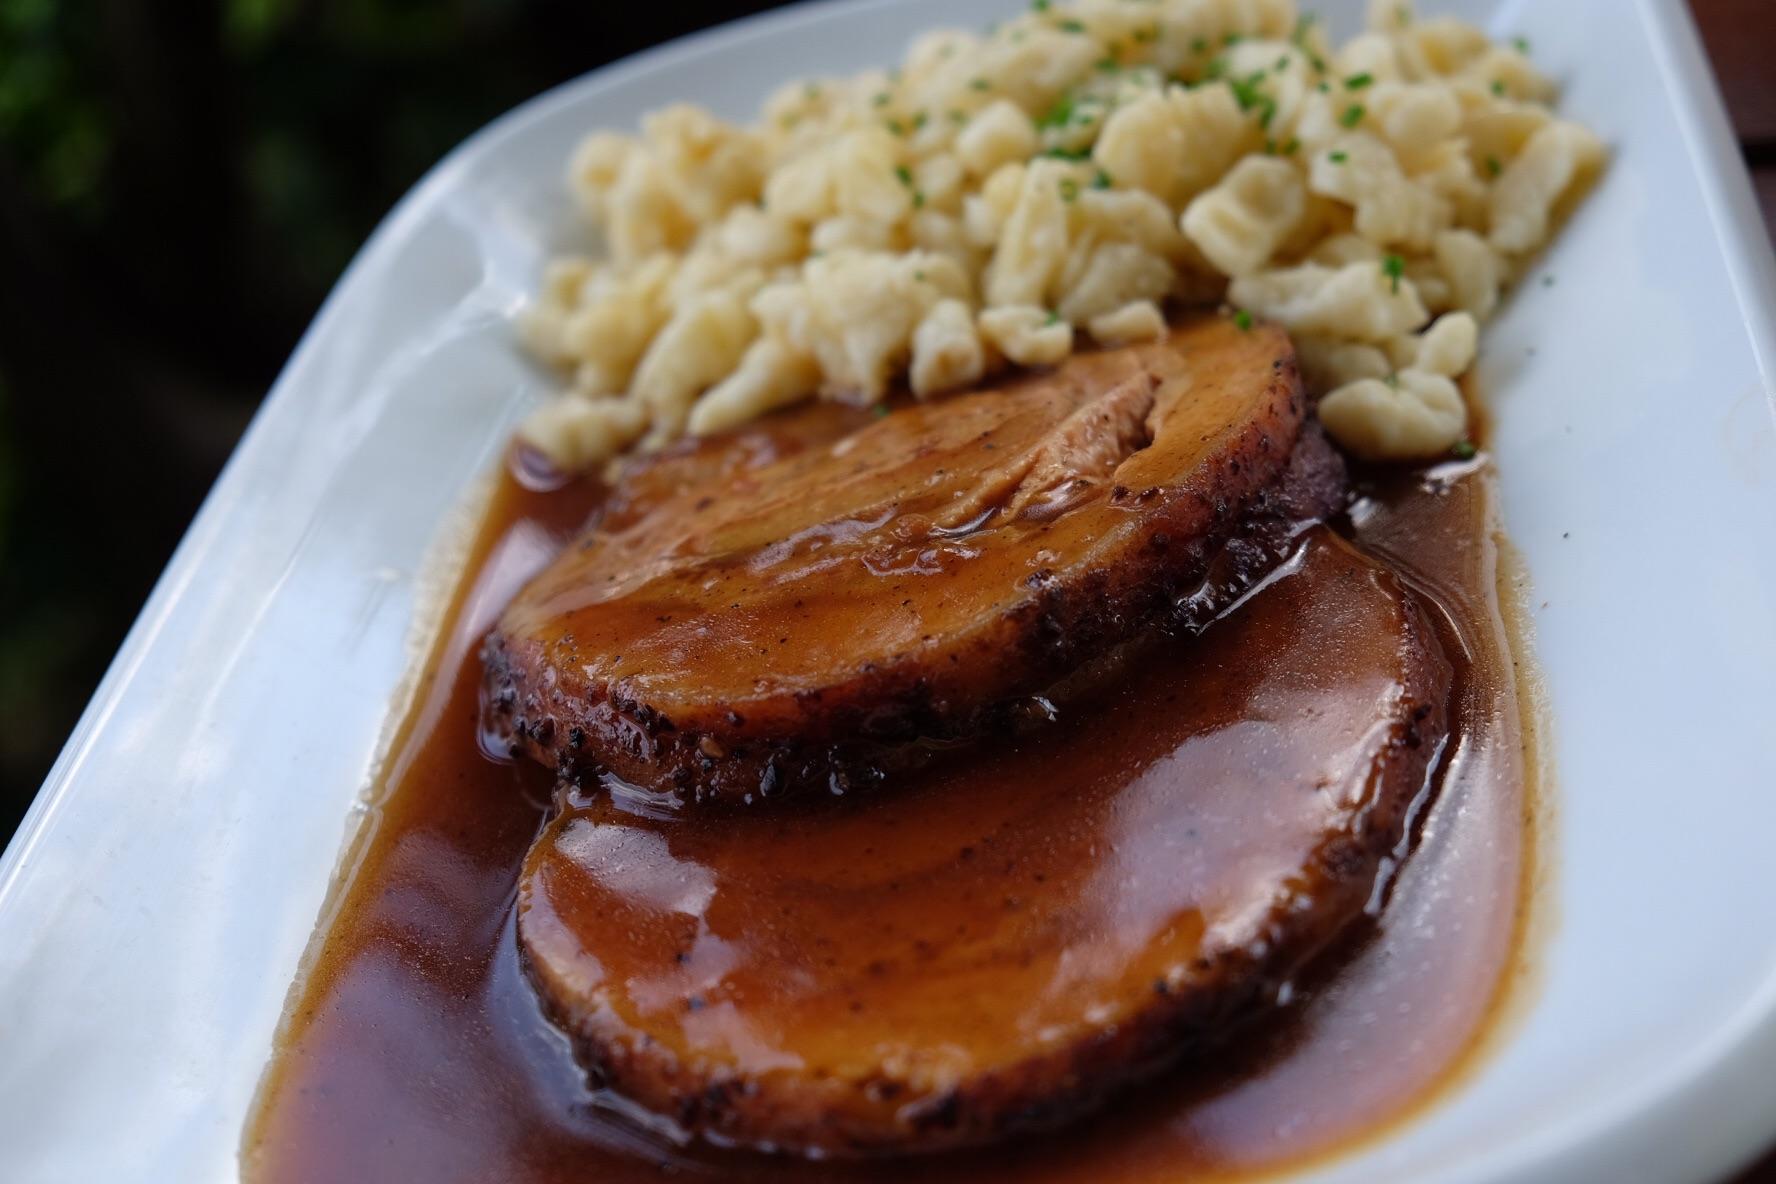 Spécialité de la bavière : Schweinebraten mit schnitzel (porc et pâtes)